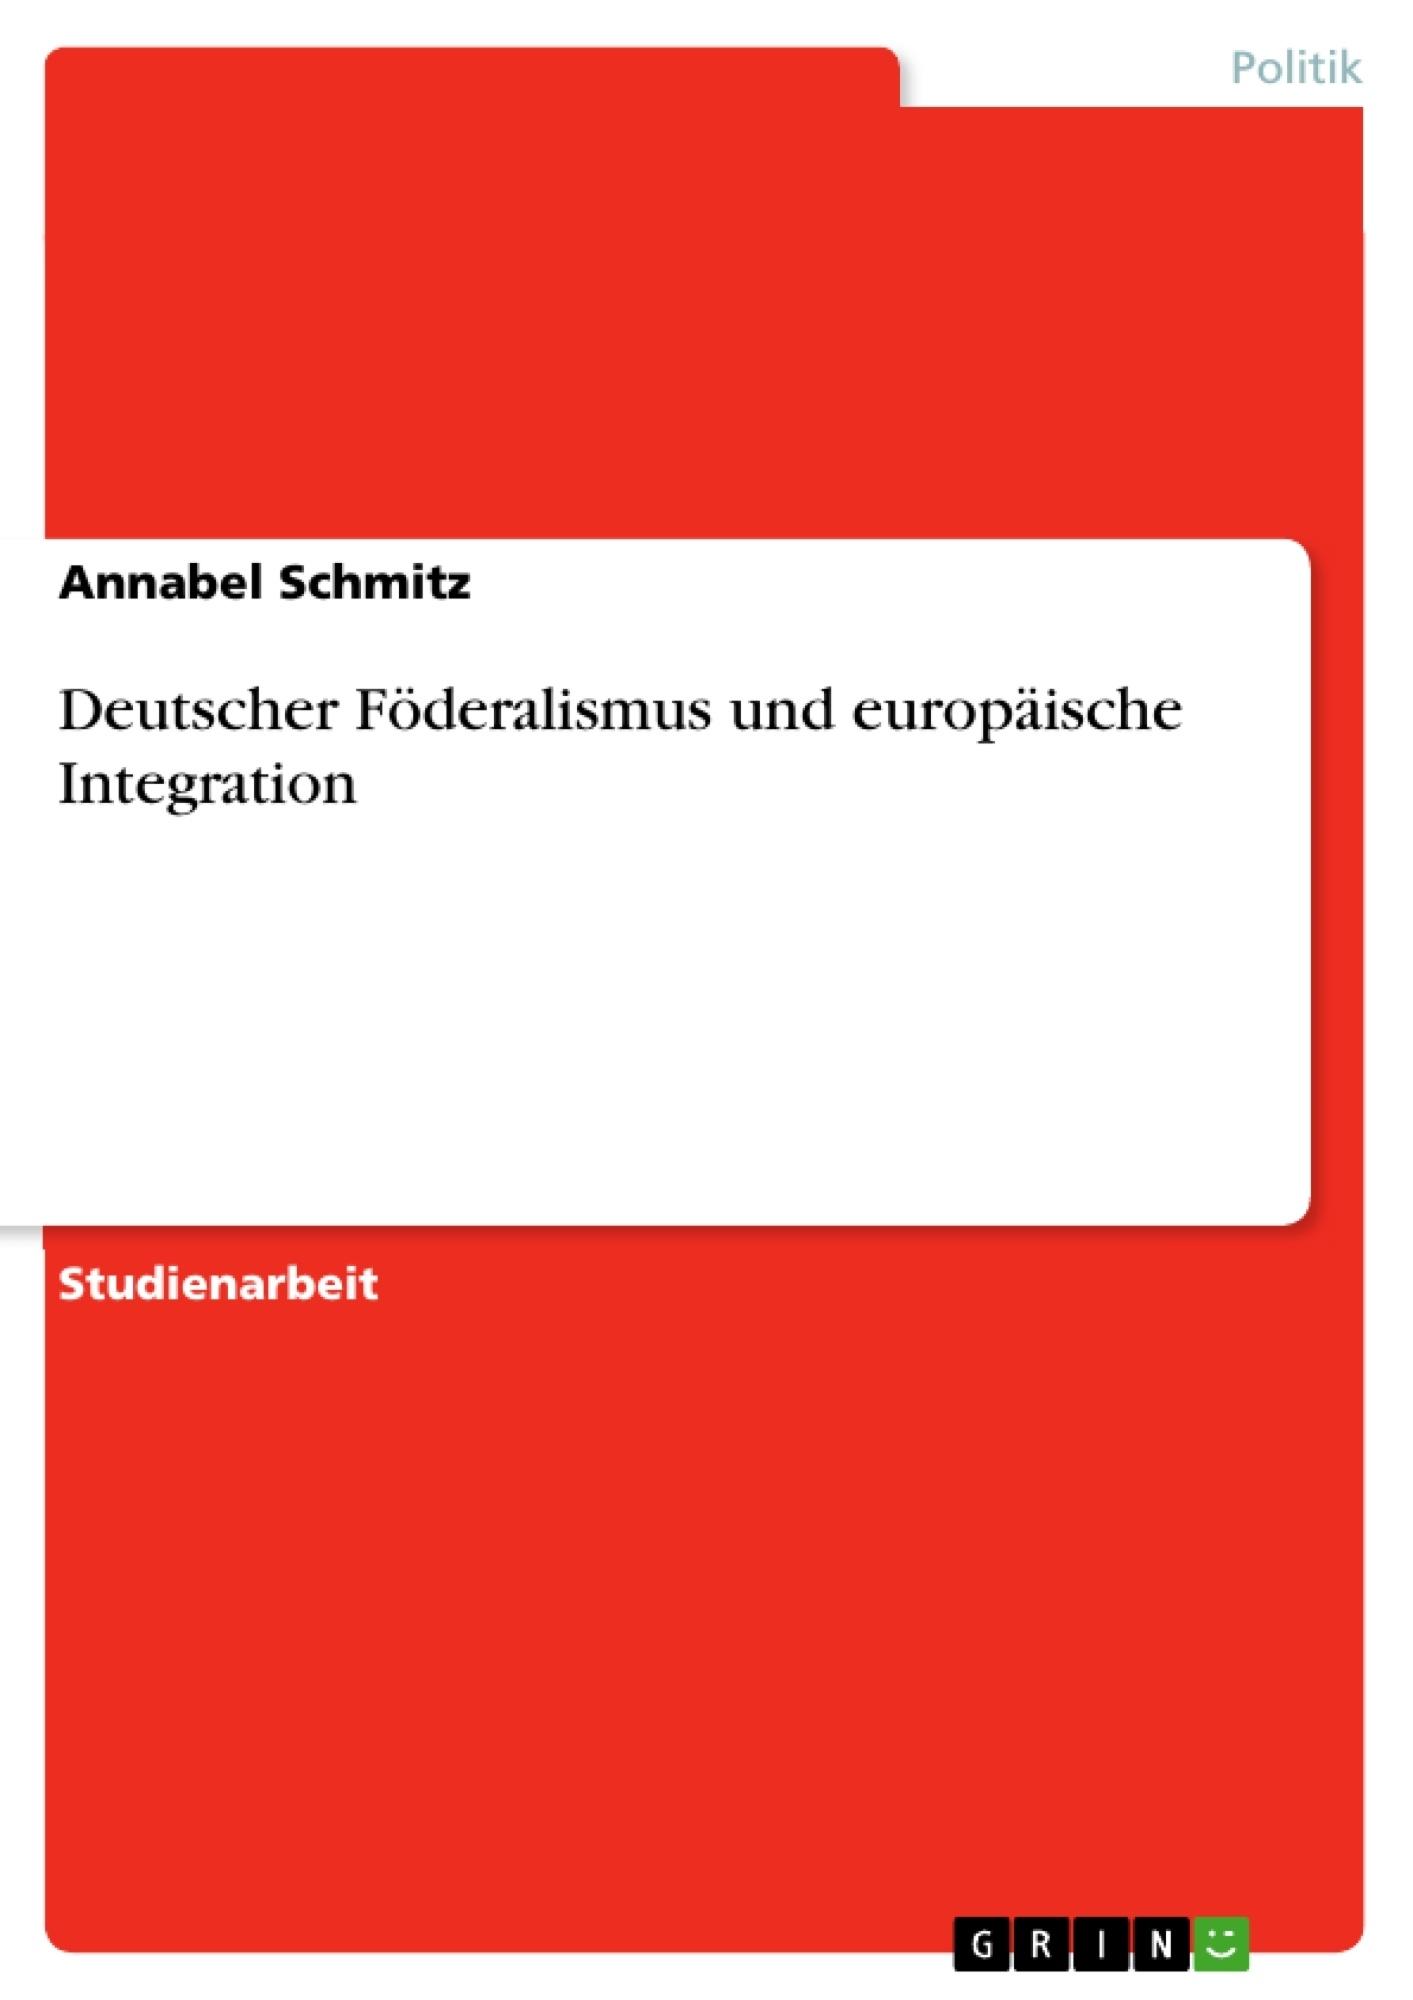 Titel: Deutscher Föderalismus und europäische Integration